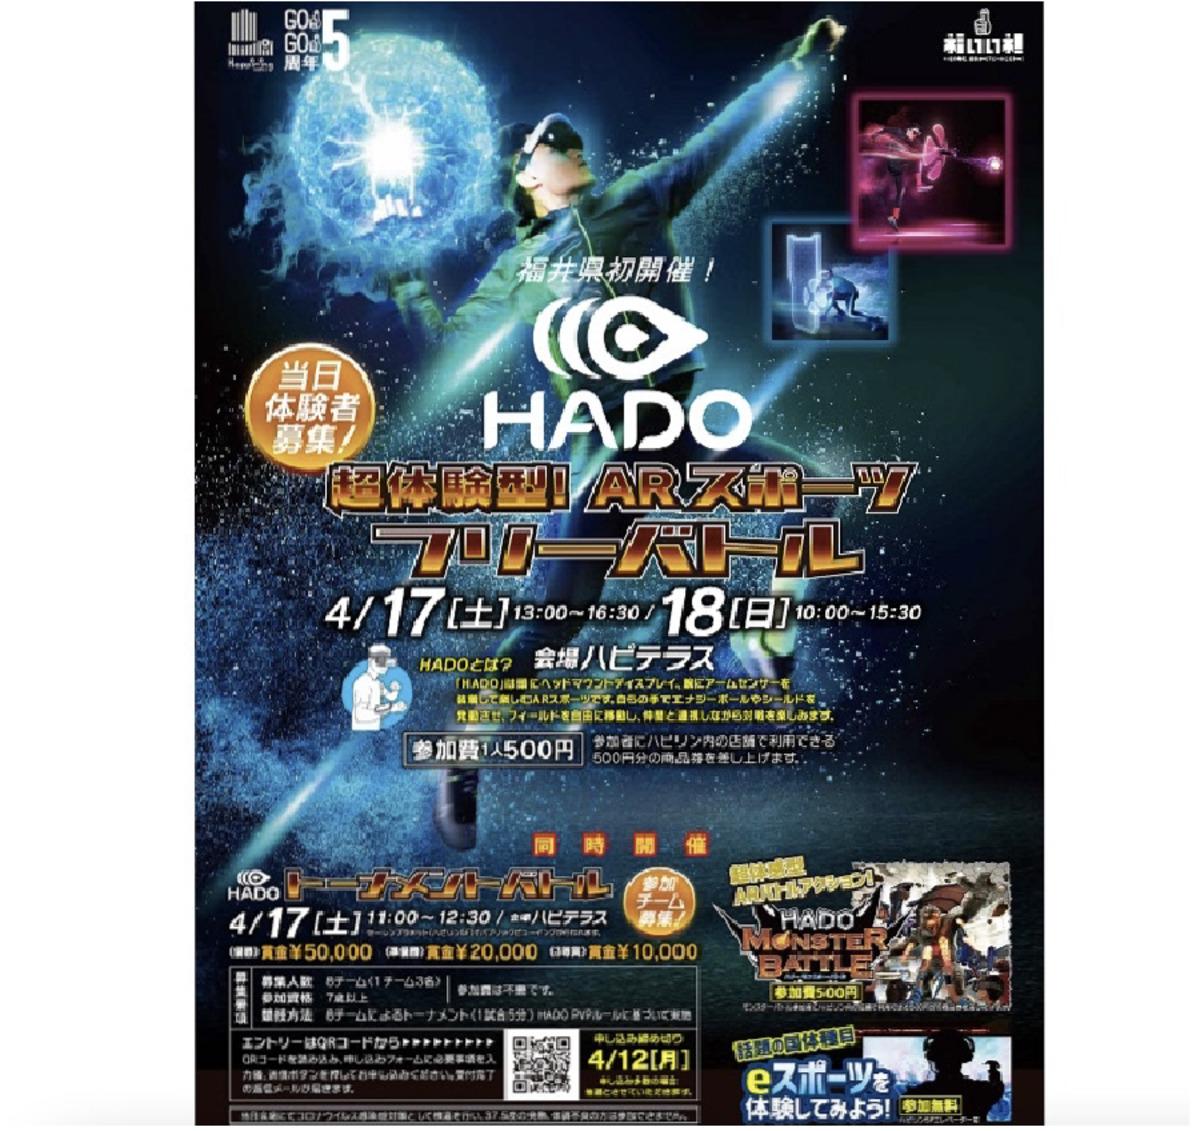 ARスポーツ「HADO」で5周年を祝福!JR福井駅西口のハピリン記念式典